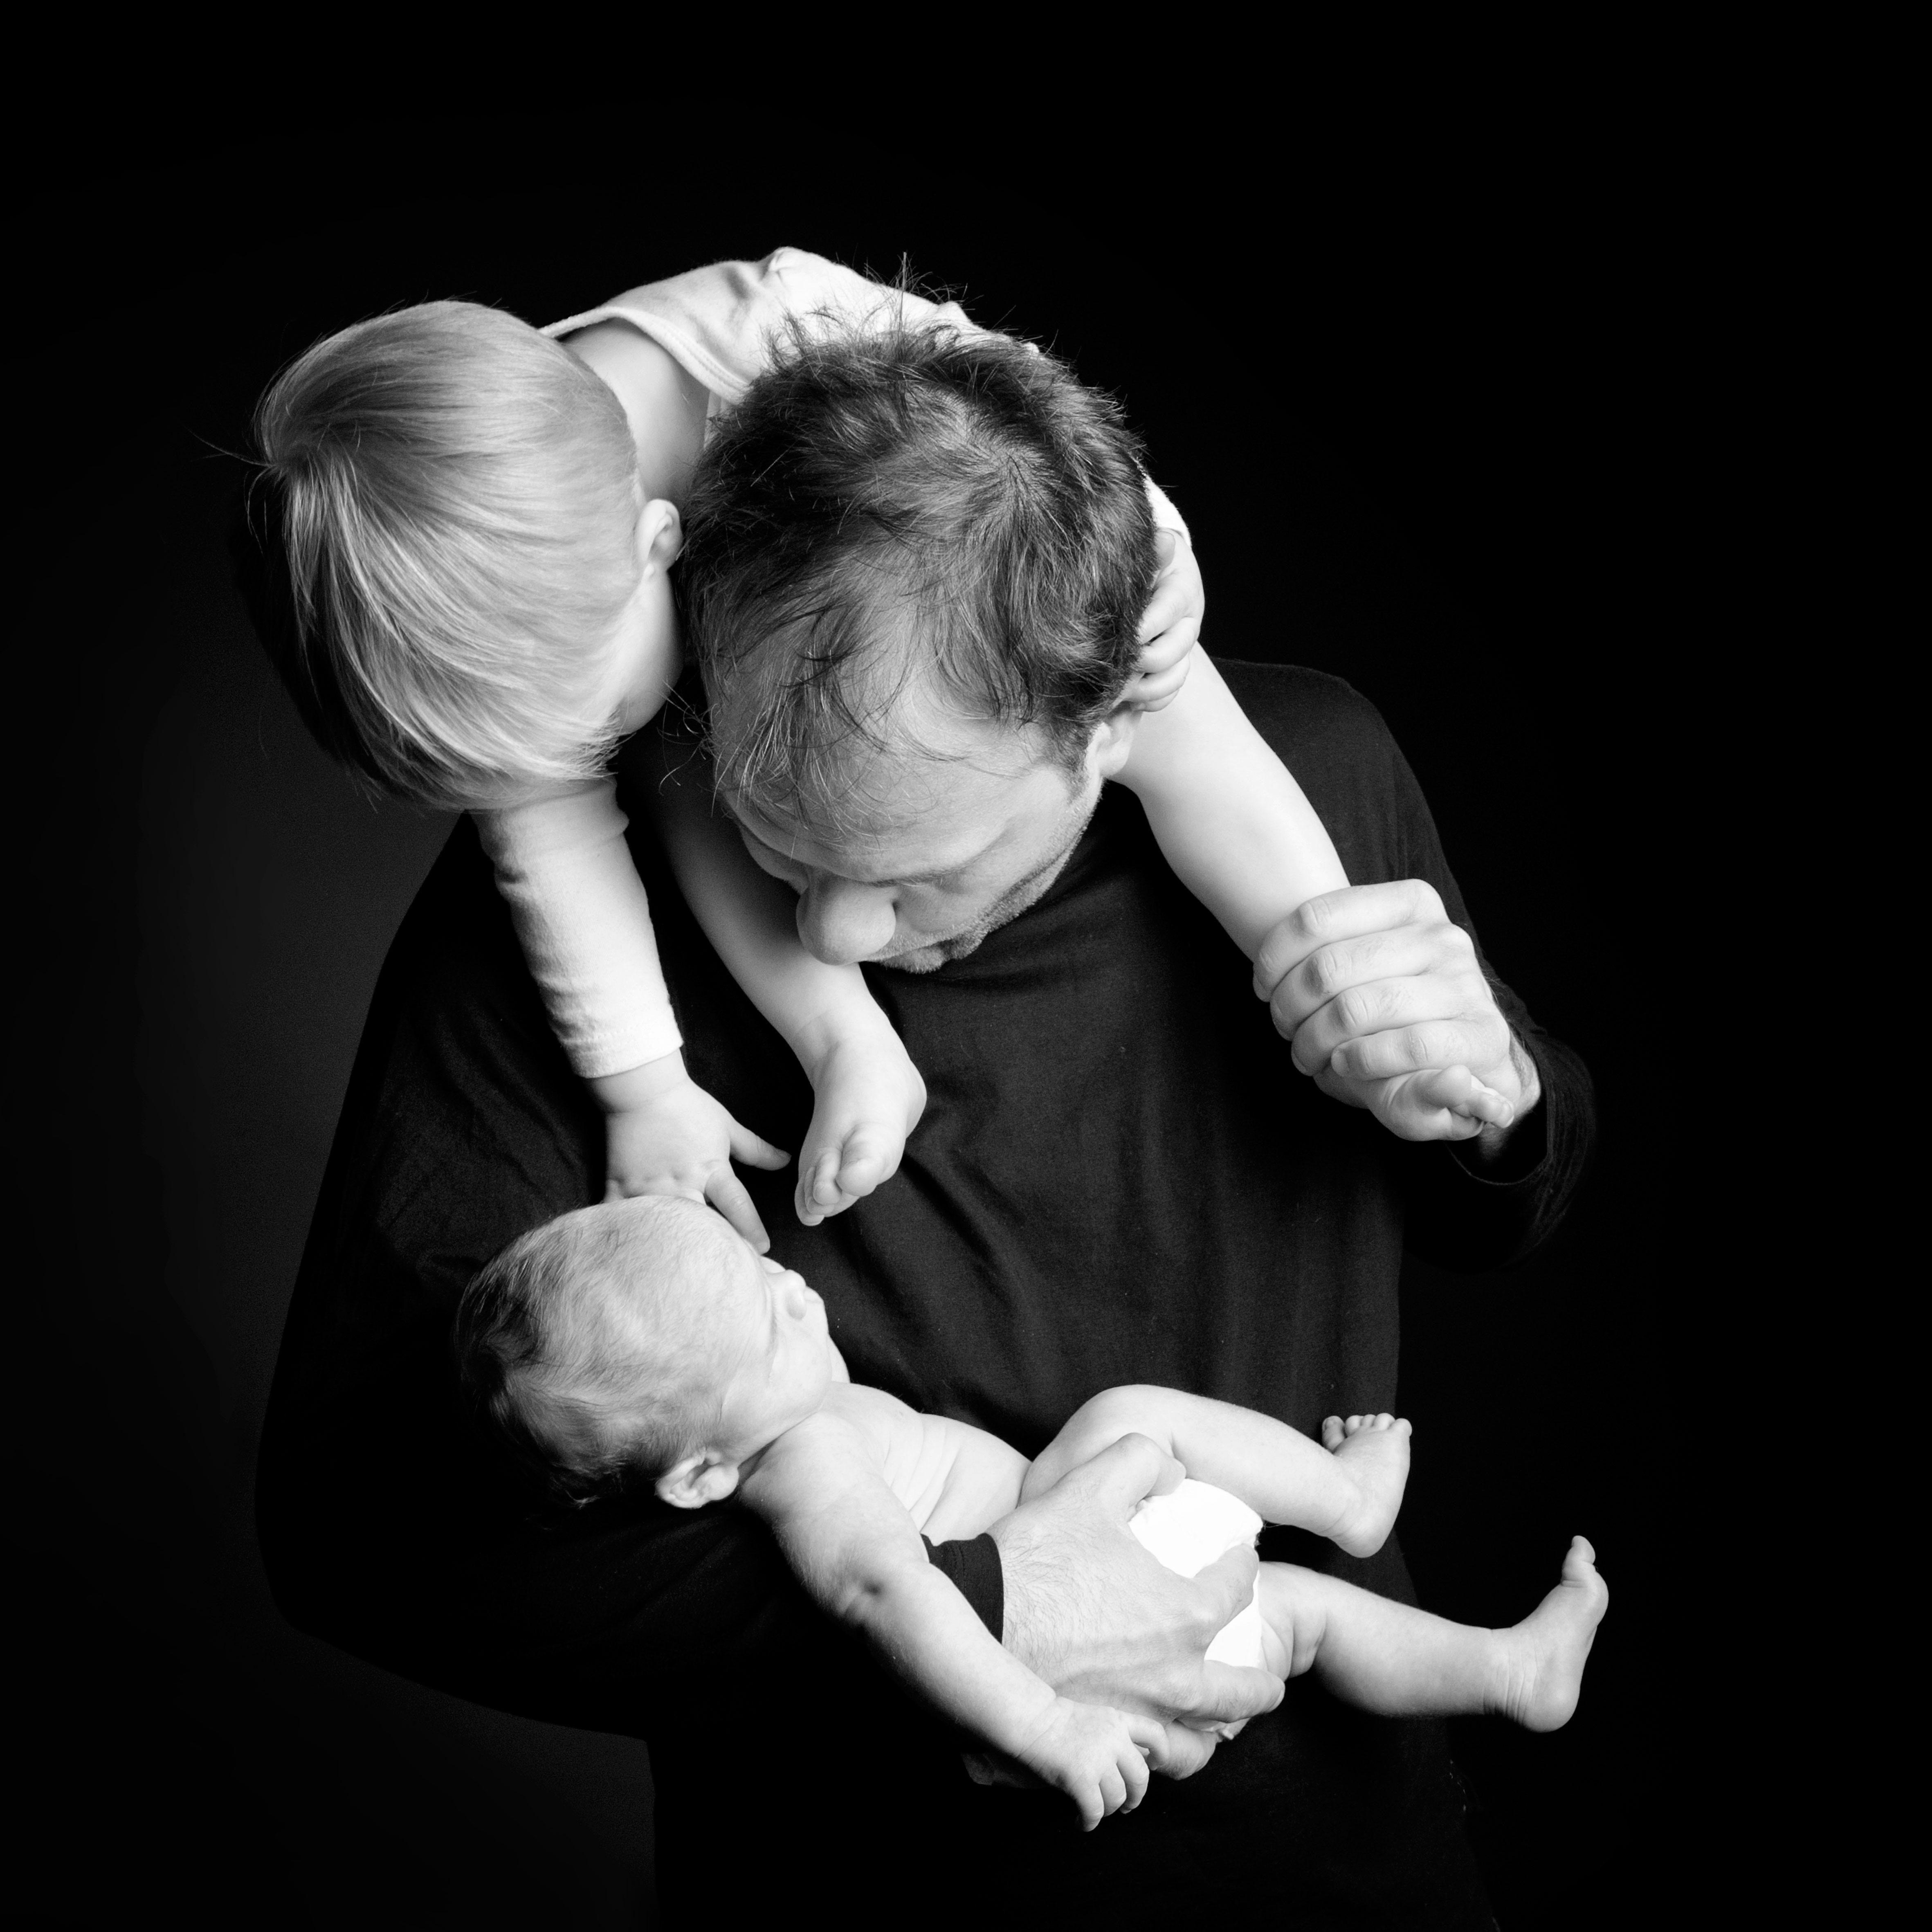 Familie, Fotografie, Düsseldorf, Portrait, Baby Neugeboren